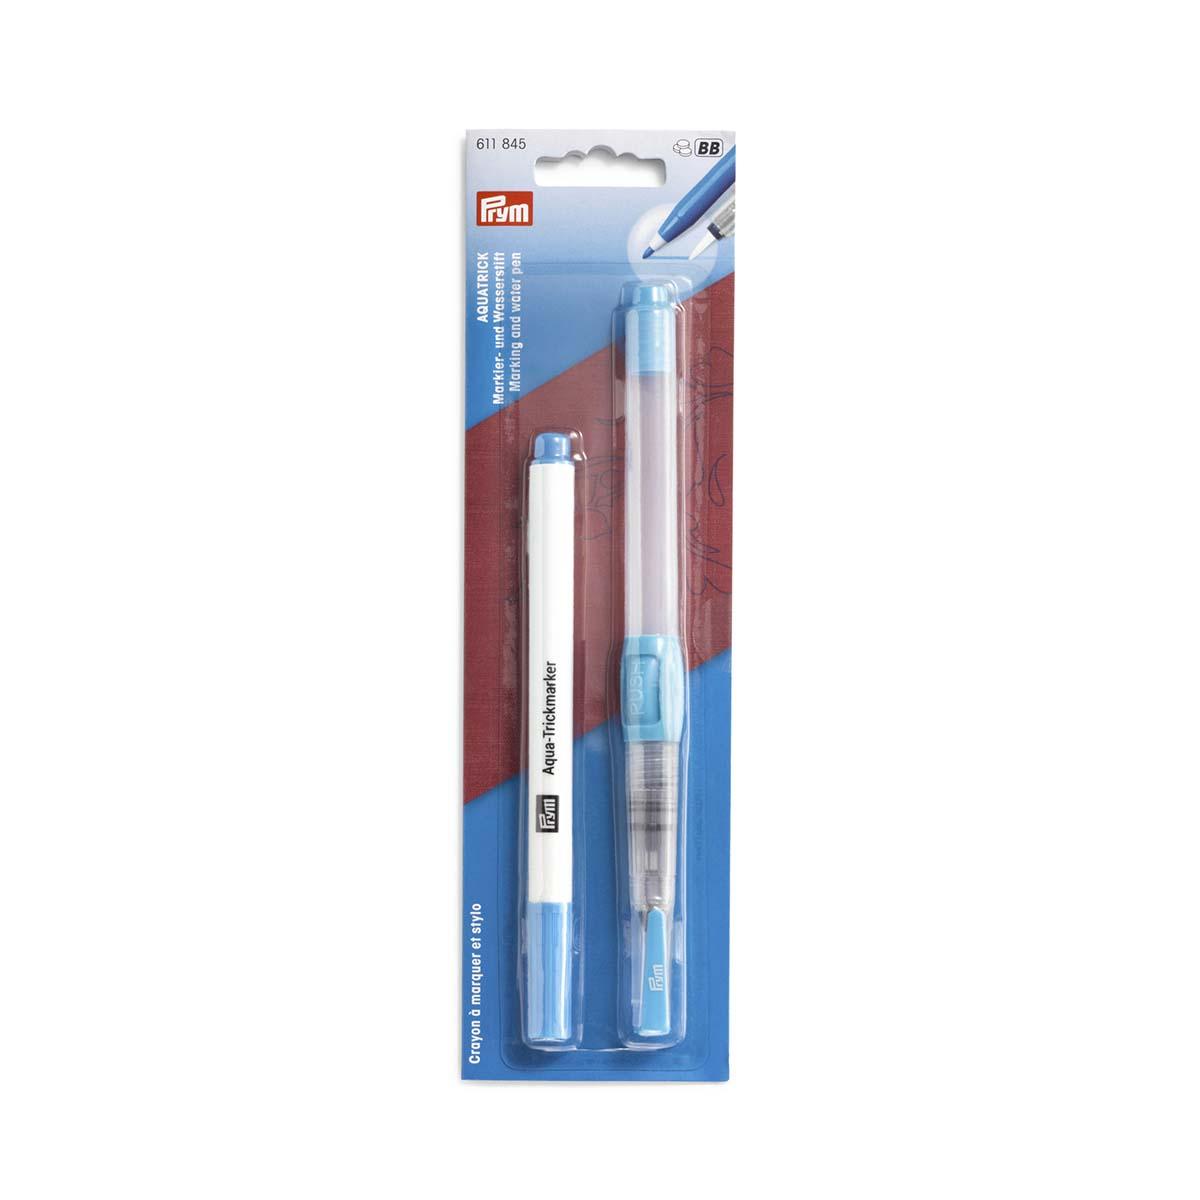 611845 Аква-трик-маркер+карандаш водяной Prym